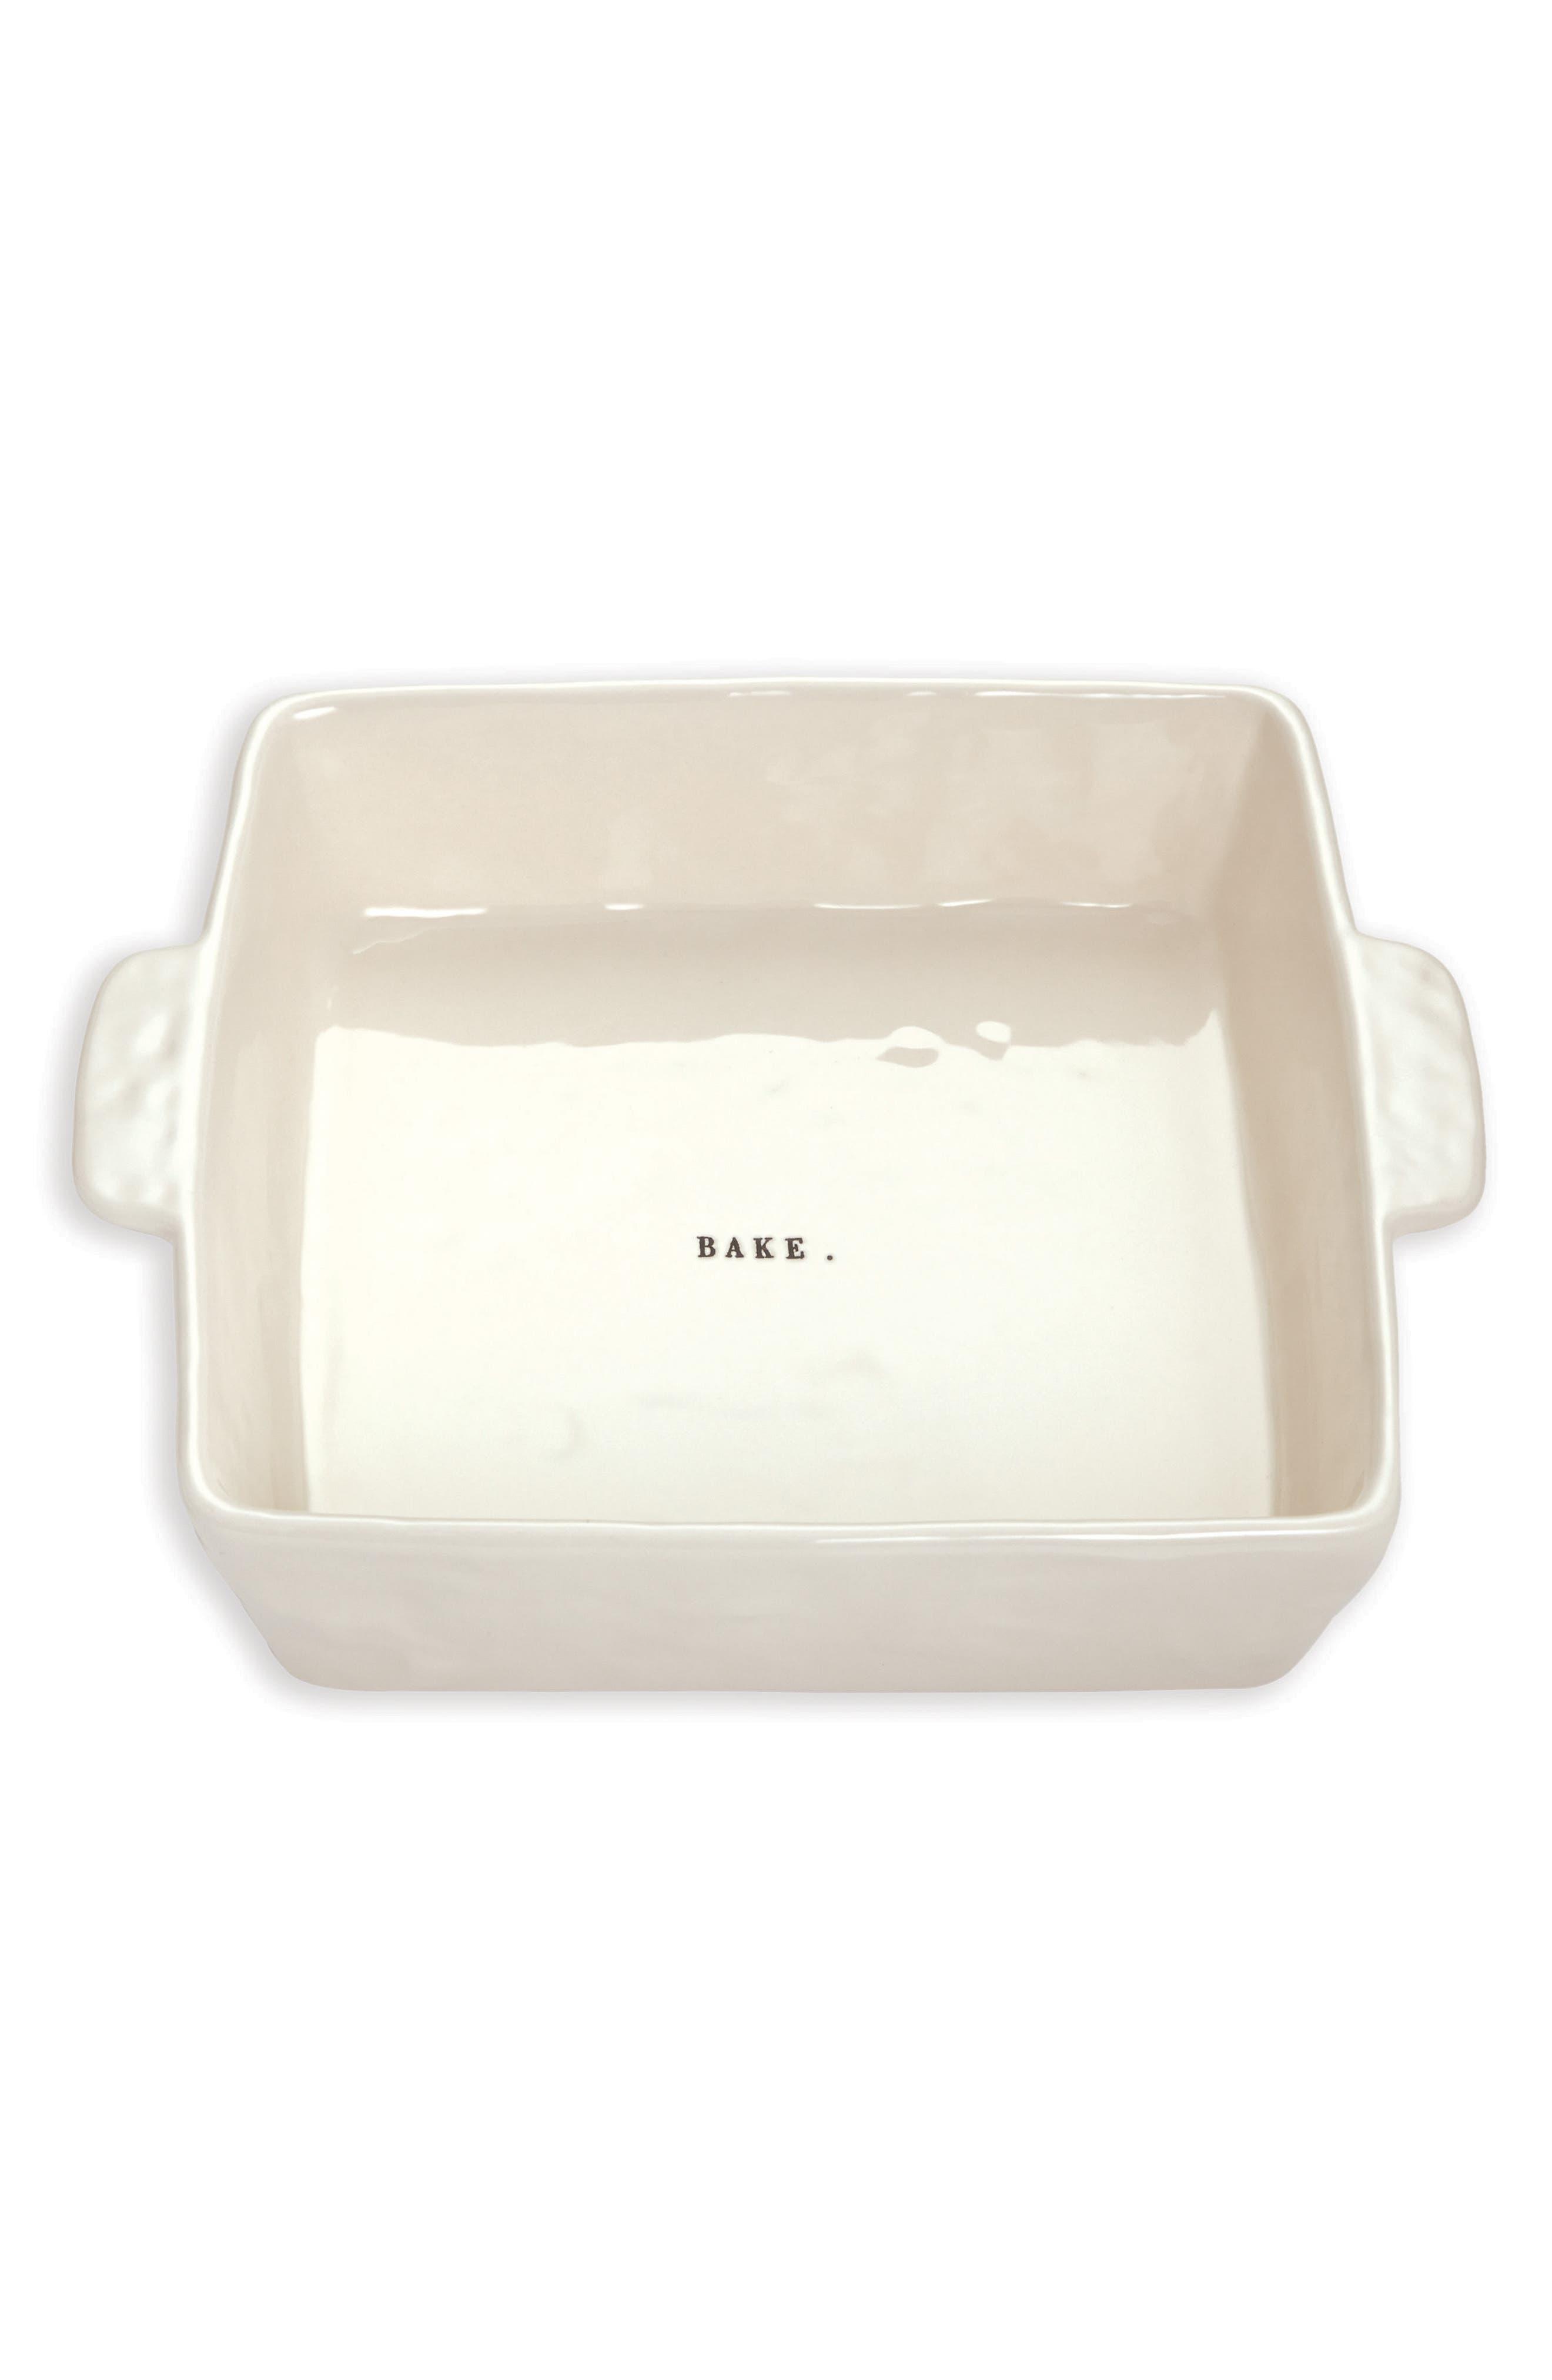 Rae Dunn Ceramic Bake Dish